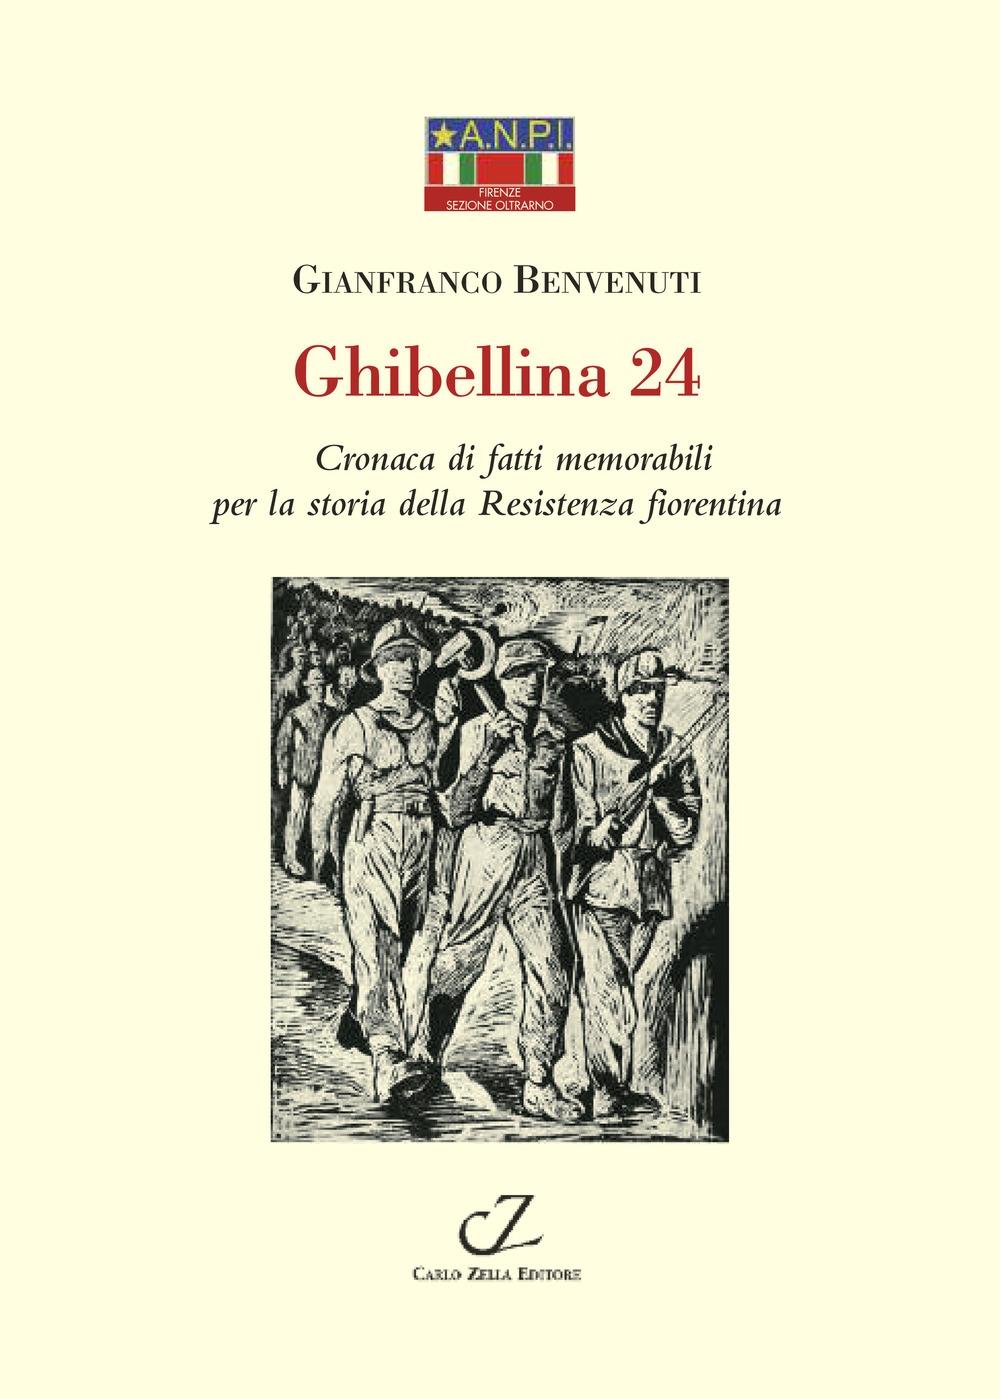 Ghibellina 24. Cronaca di fatti memorabili per la storia della Resistenza fiorentina